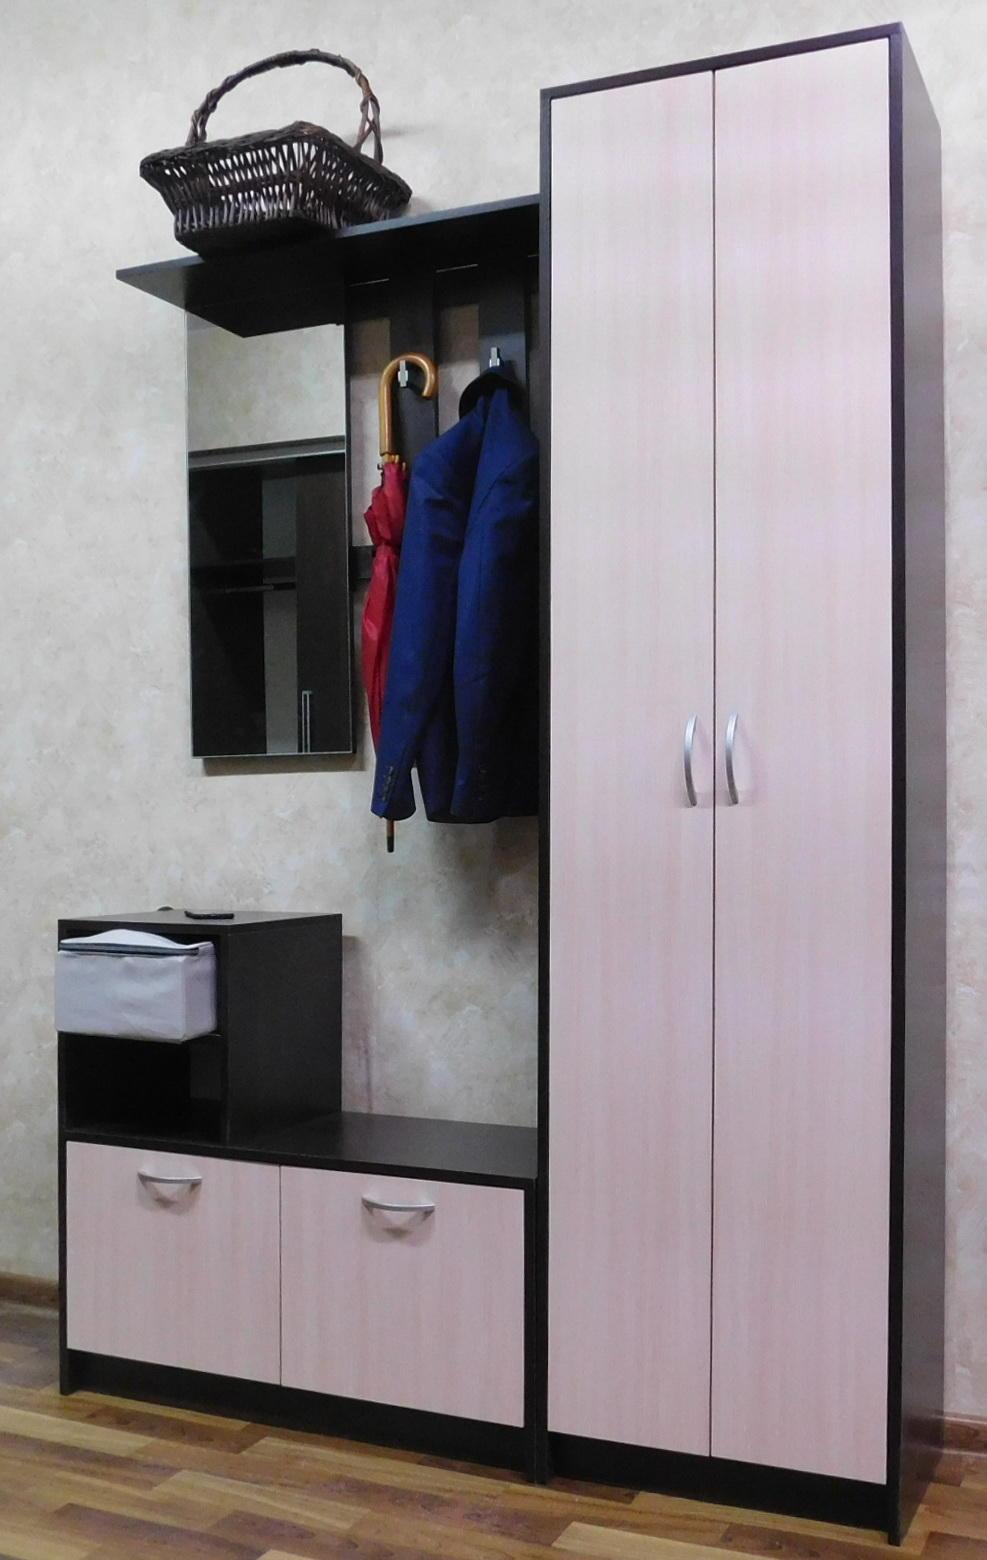 """Прихожая """"103-4 А"""". Мебельный магазин Мебель Ленд. Санкт-Петербург"""